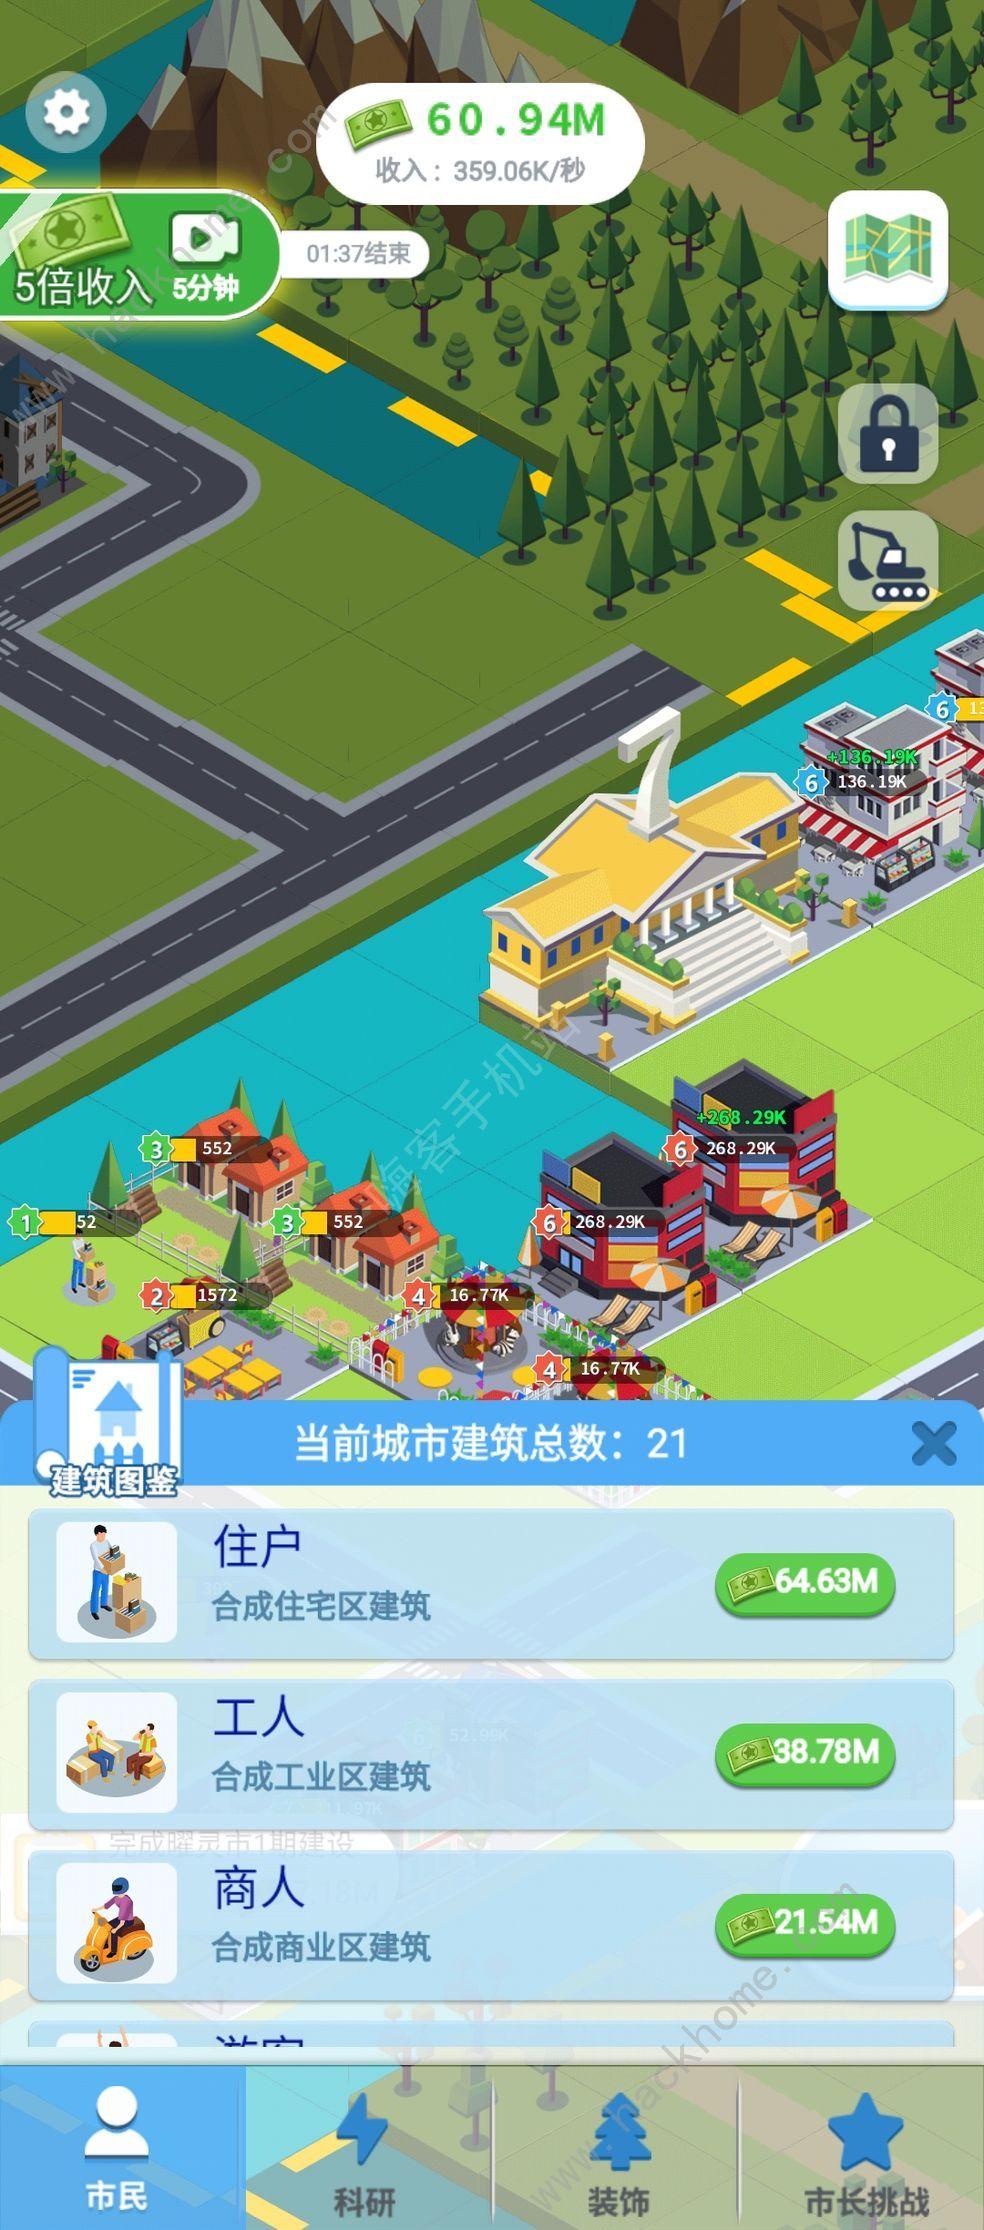 合成时代之城市建设攻略大全 新手少走弯路技巧总汇[多图]图片2